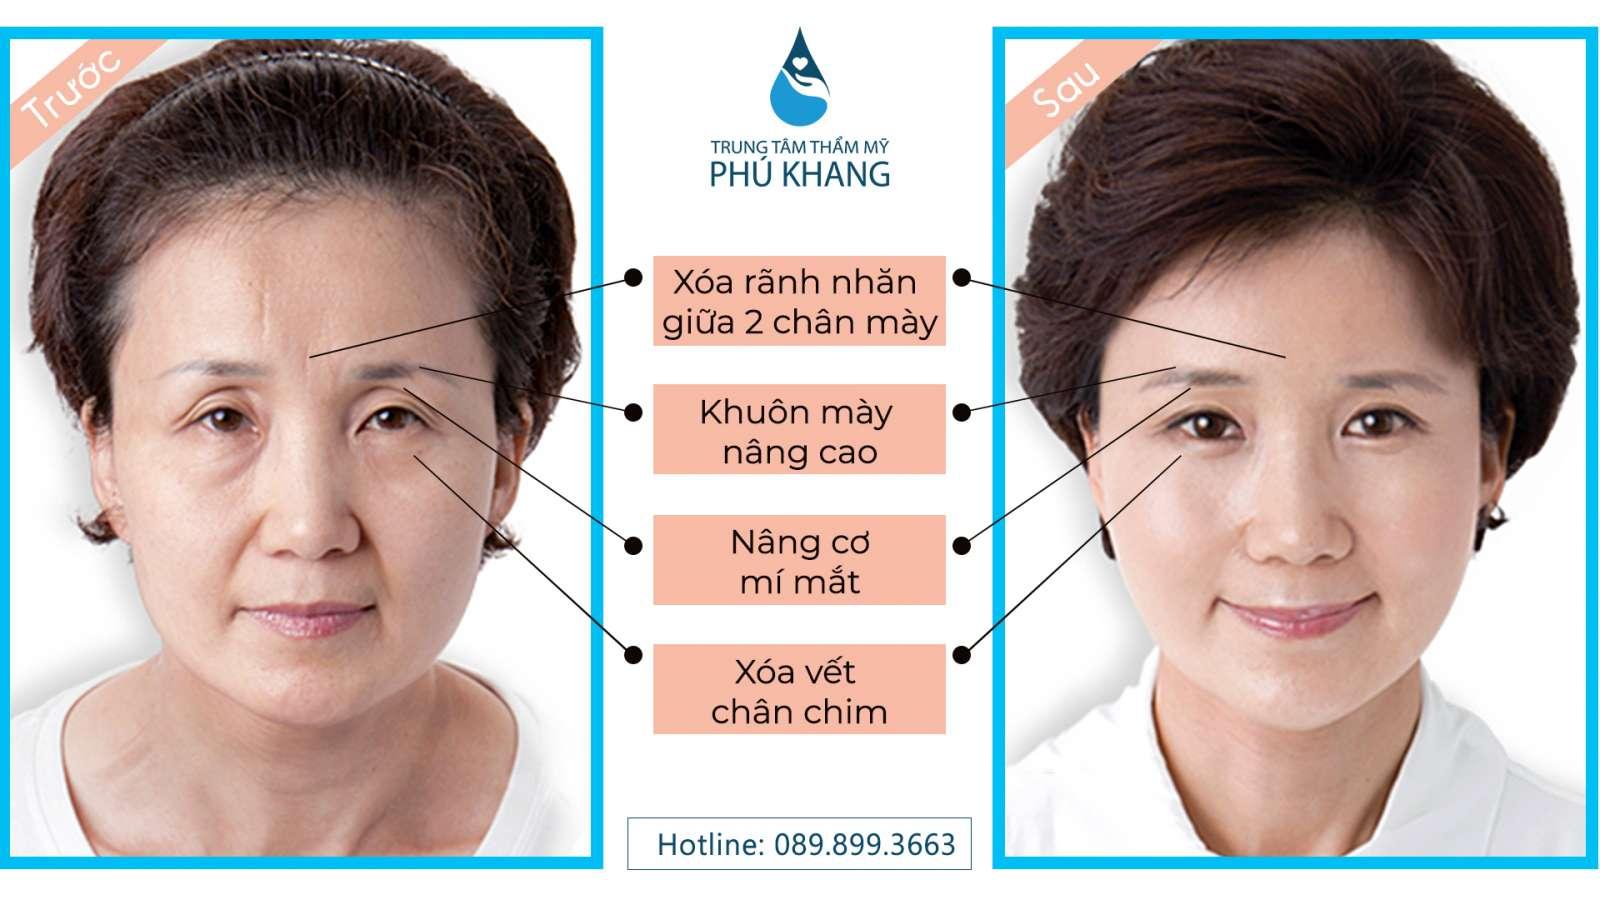 phuong-phap-nang-cung-chan-may-giu-duoc-bao-lau